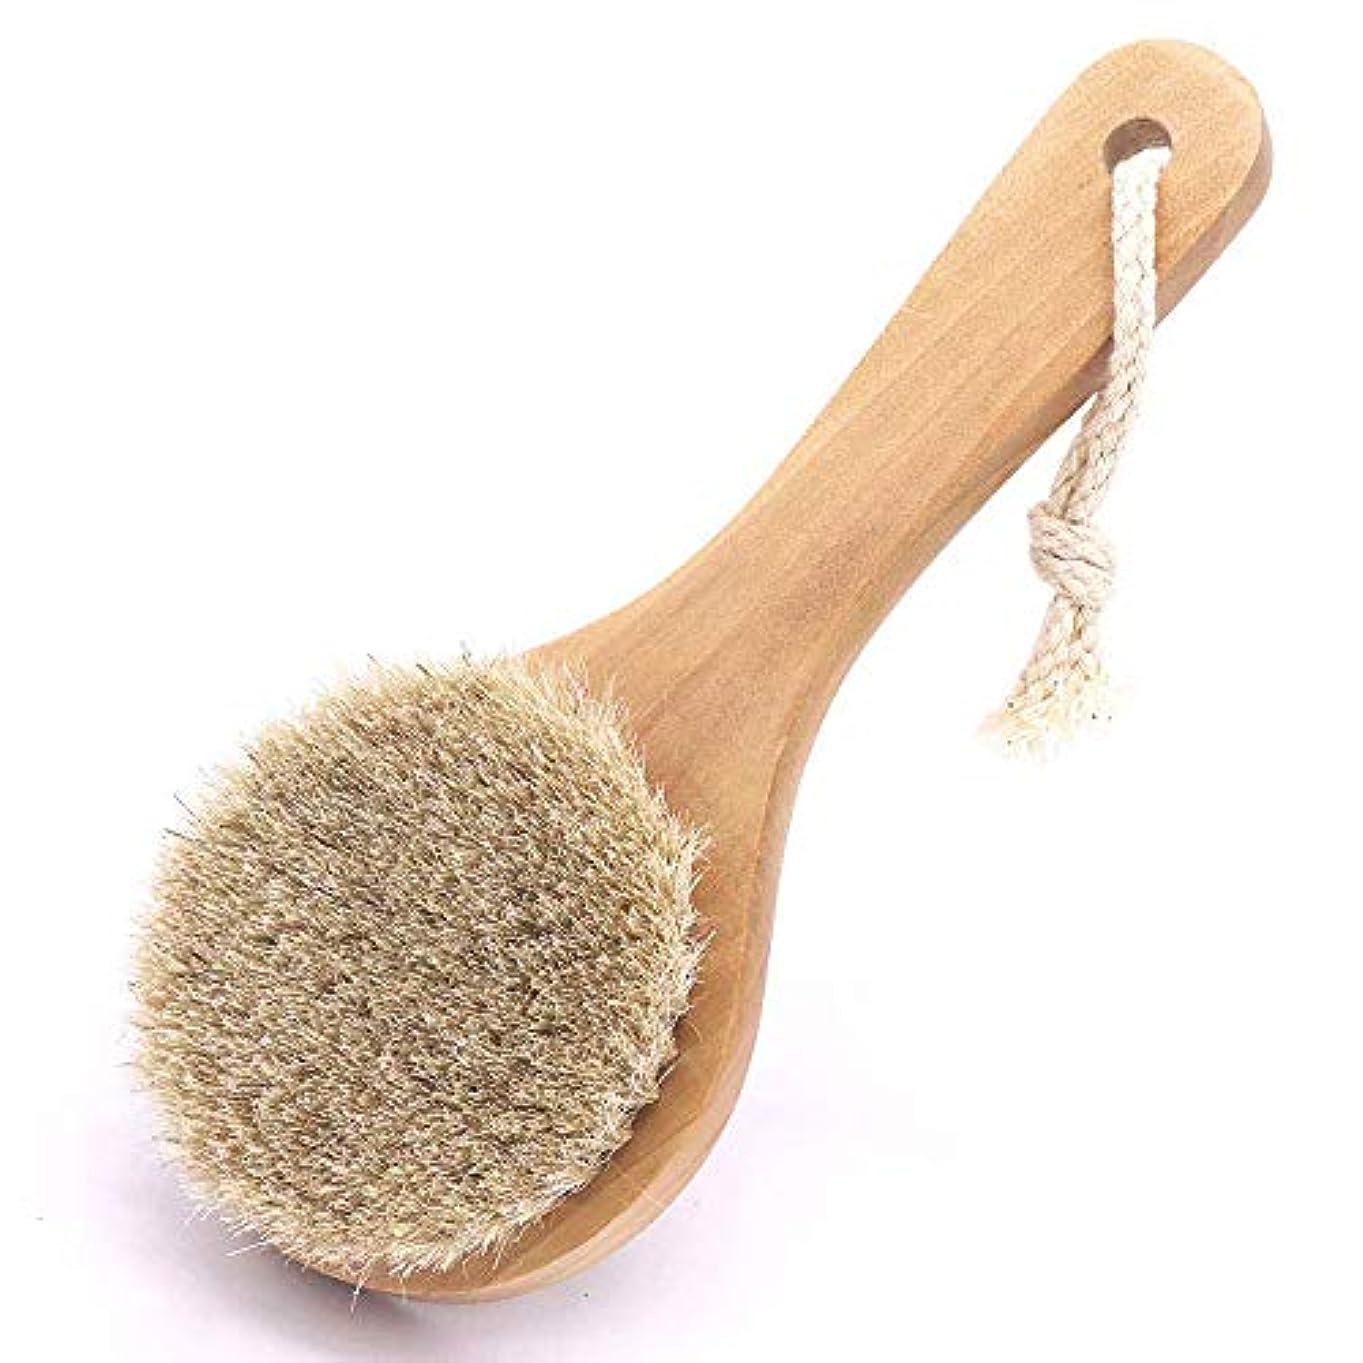 振りかける満州ストラトフォードオンエイボン馬毛ボディブラシ 木製 短柄 足を洗う お風呂用 体洗い 女性 角質除去 柔らかい 美肌 馬毛ボディブラシ